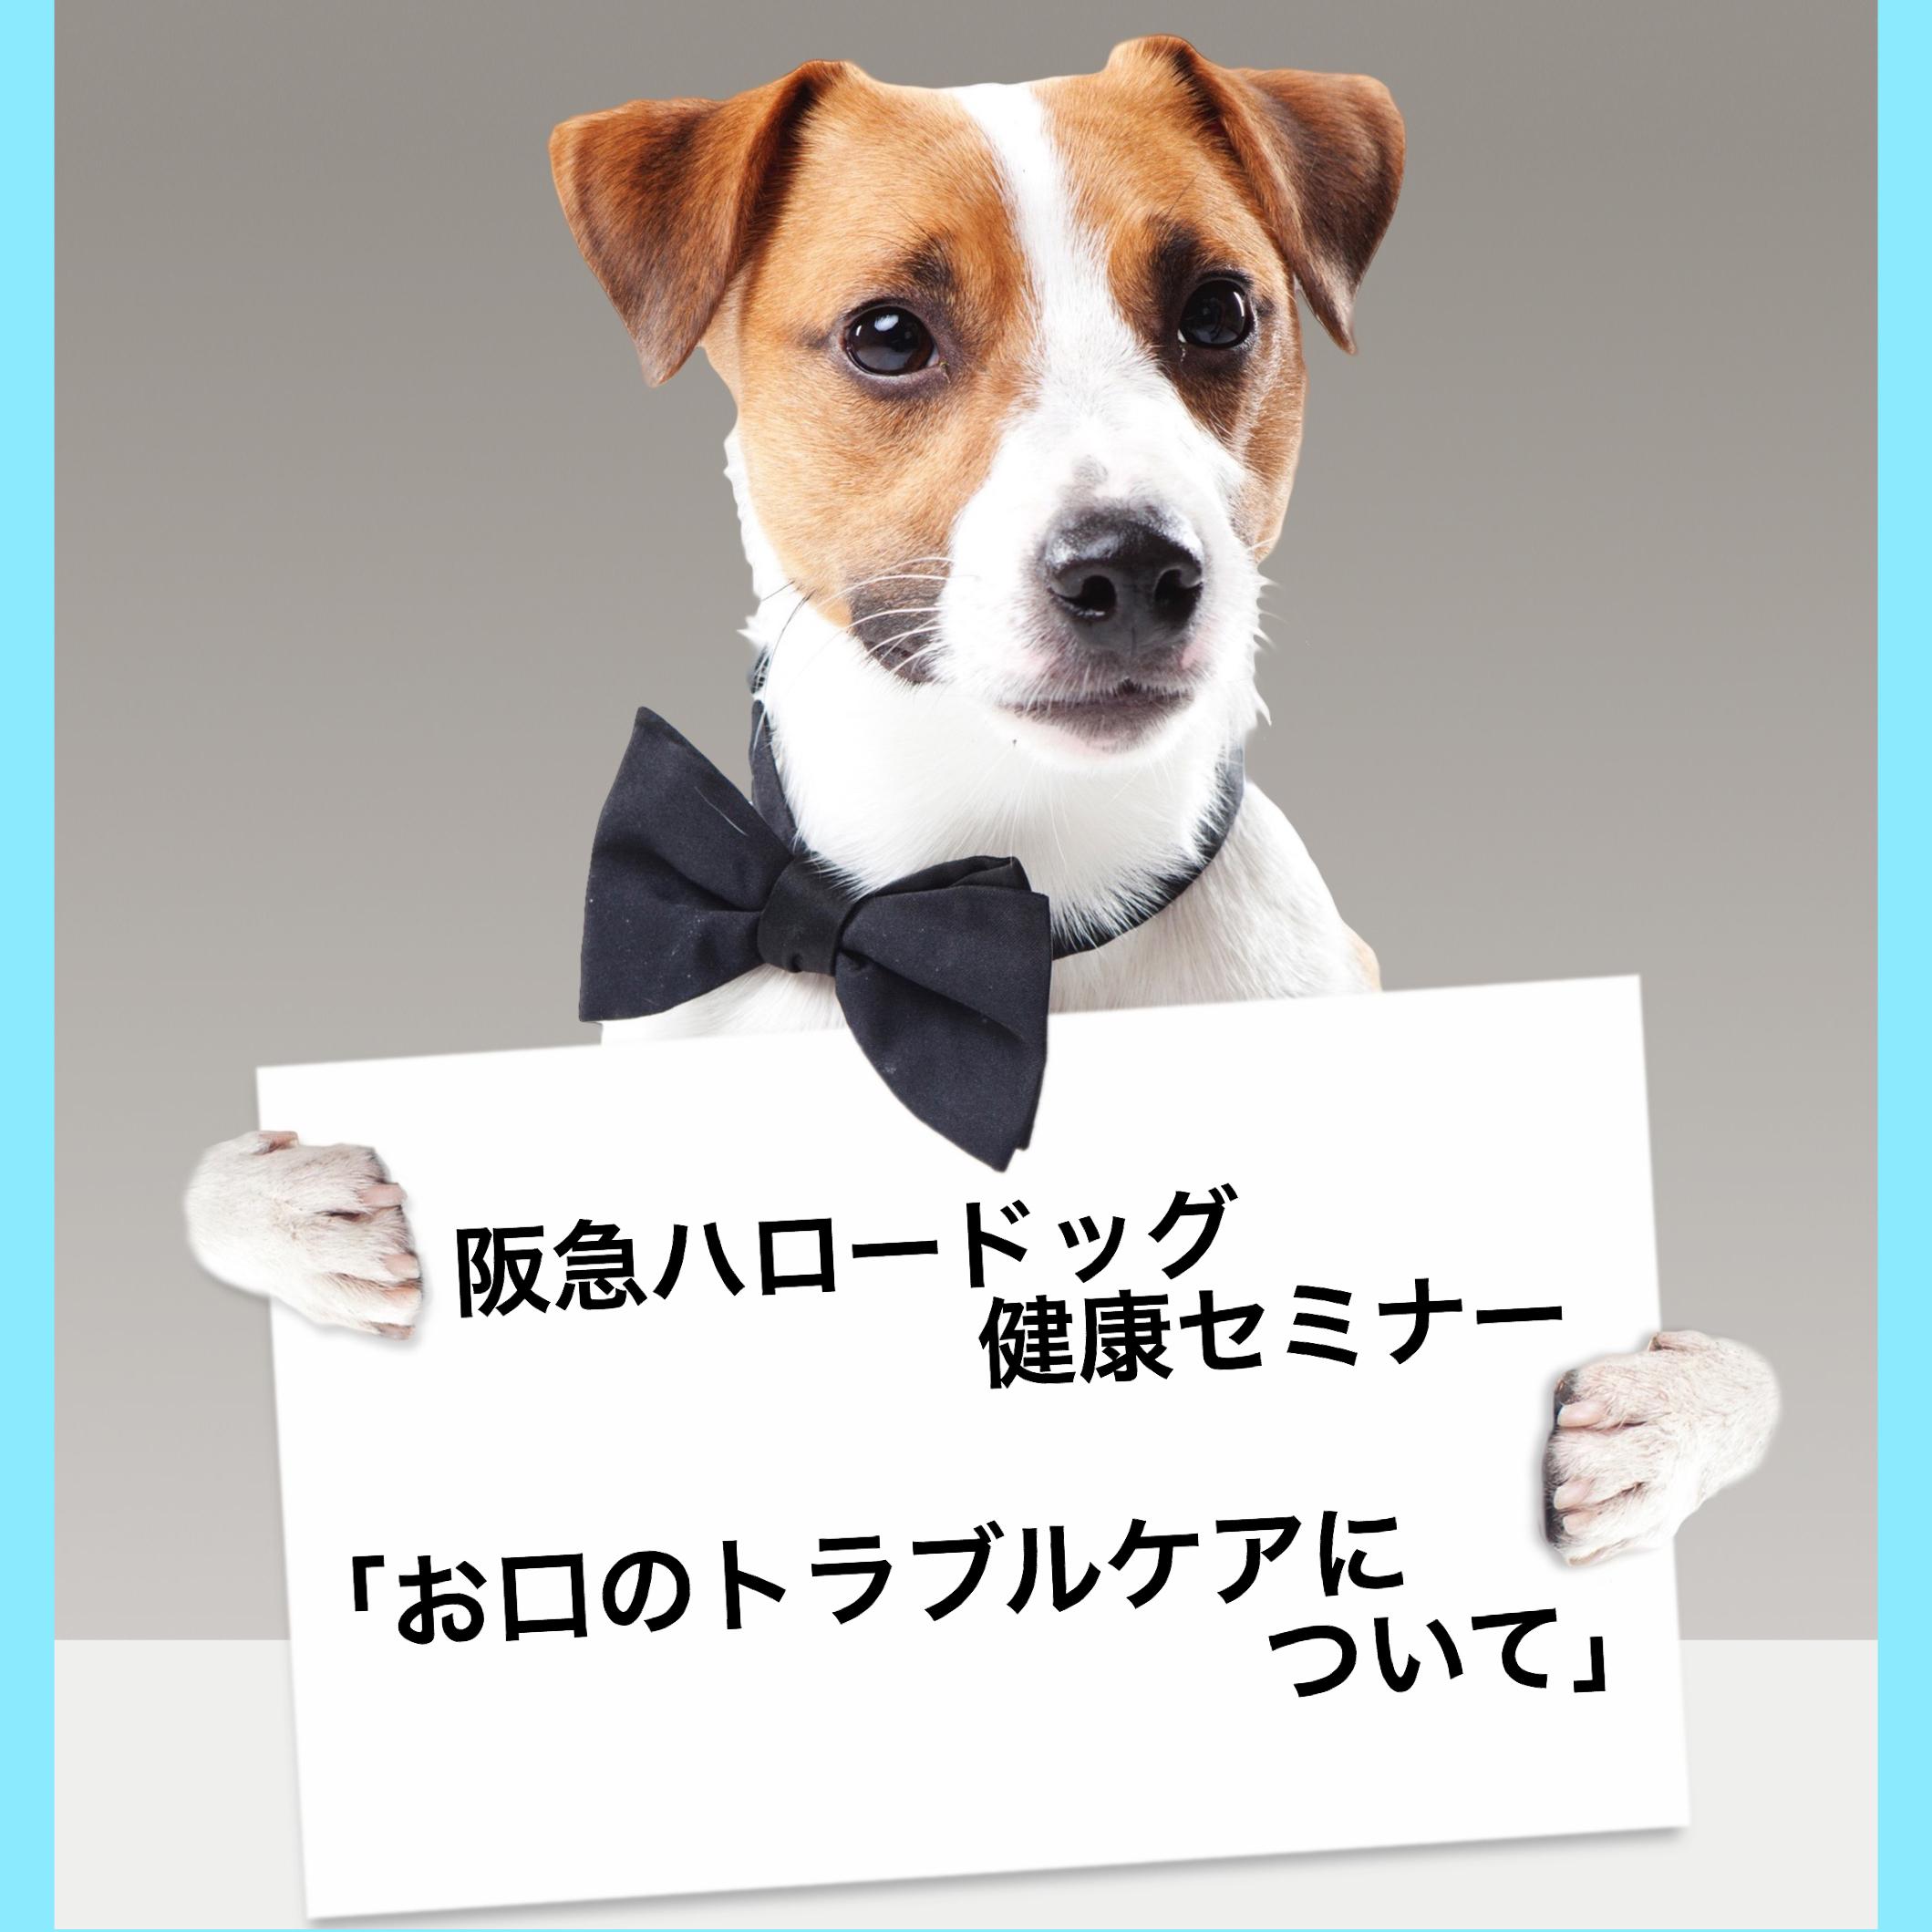 2018/08/11 西宮「阪急ハロードッグ健康セミナー お口のトラブルケアについて」